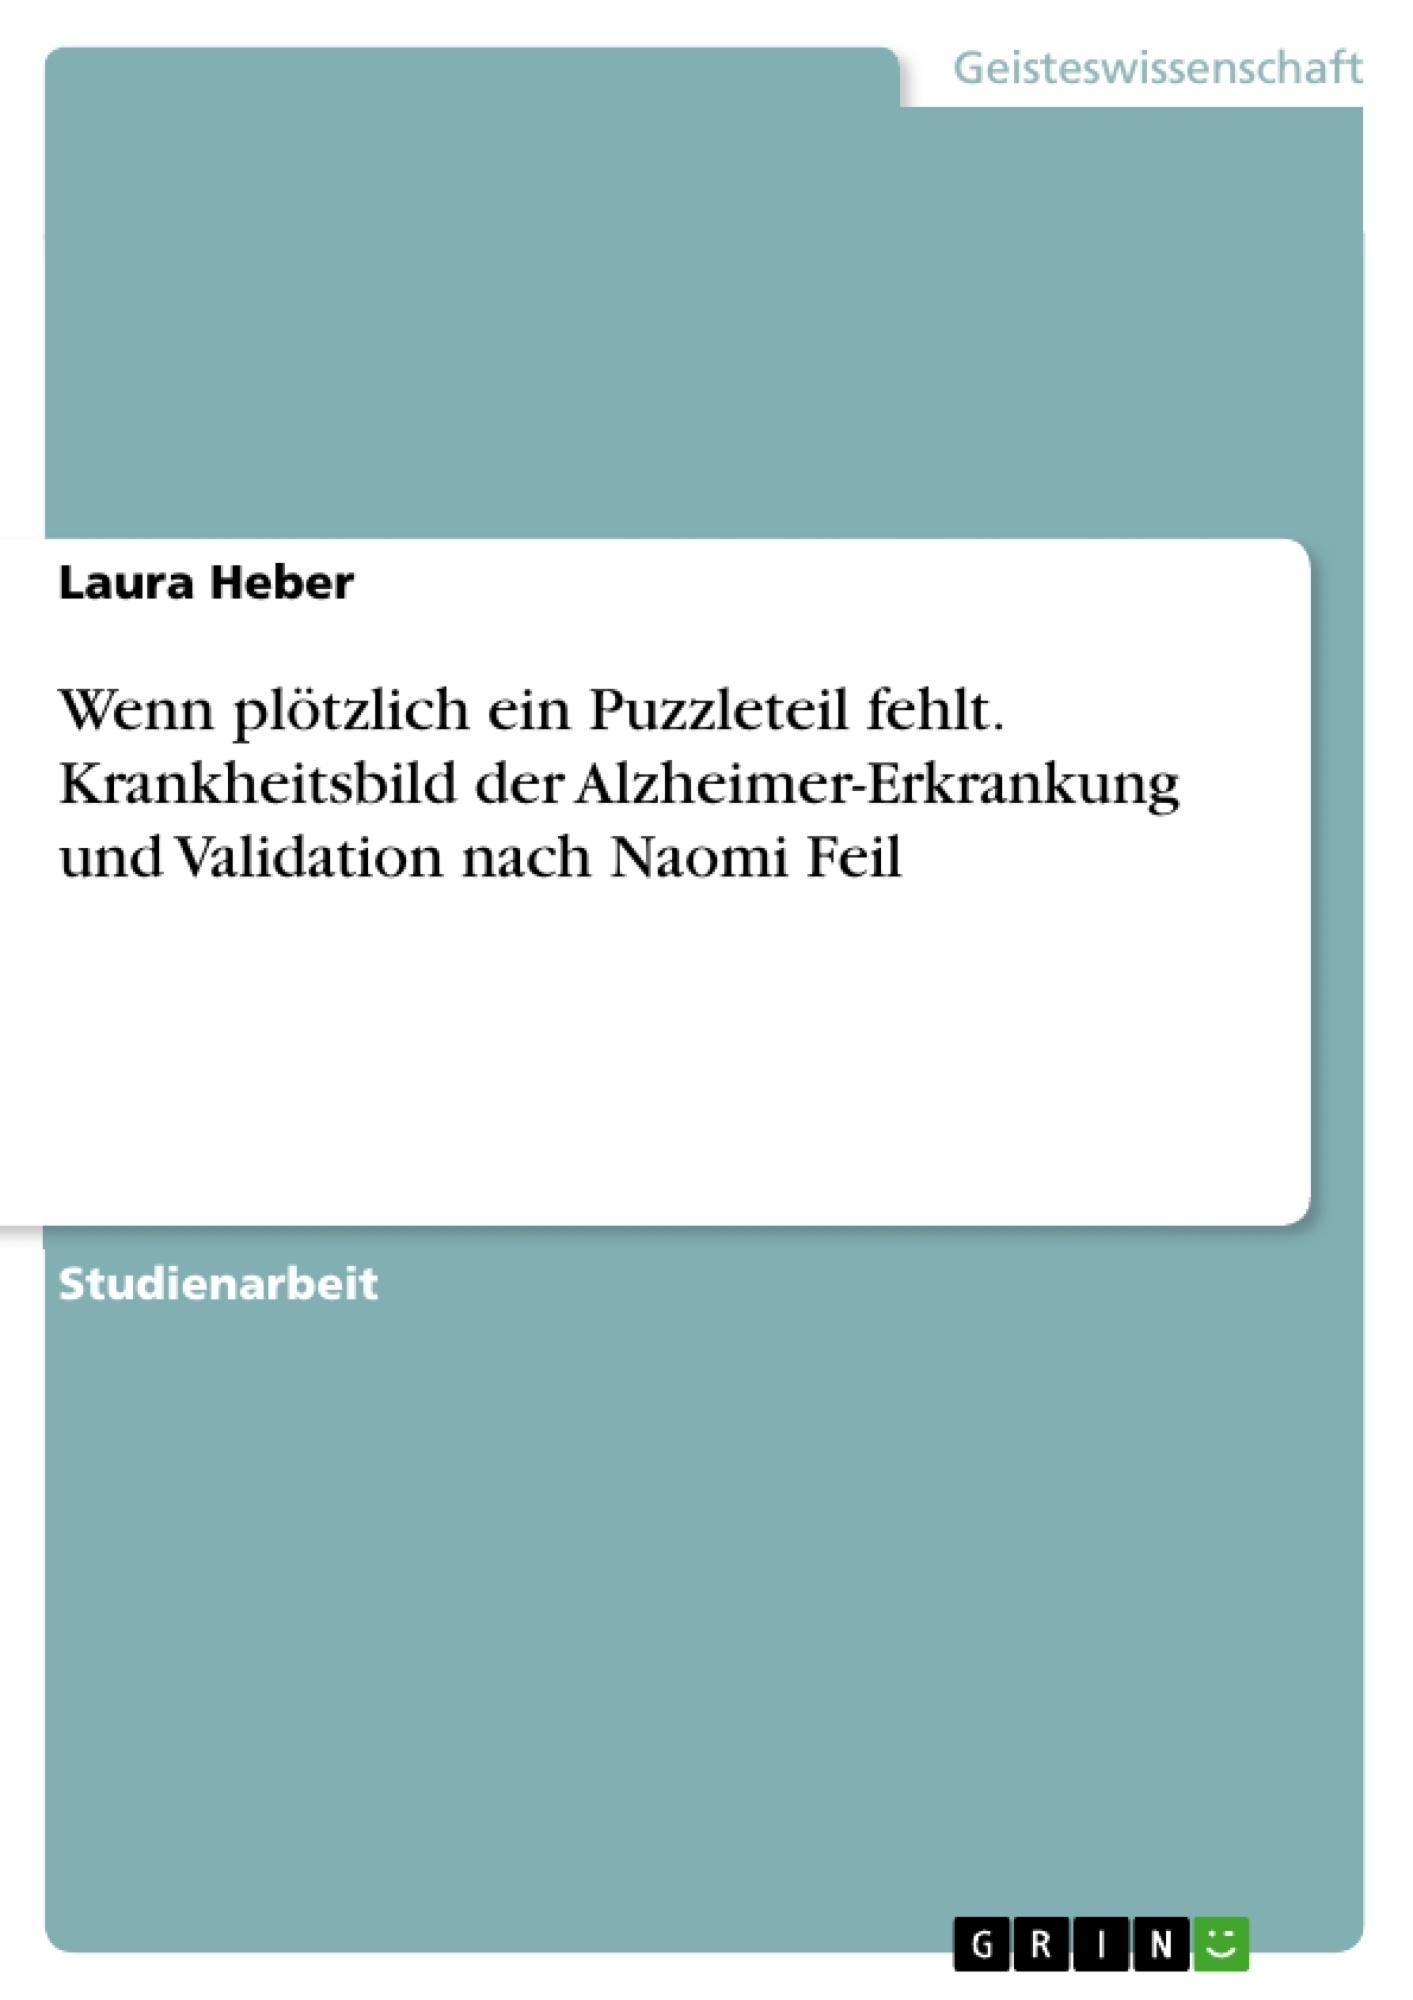 Titel: Wenn plötzlich ein Puzzleteil fehlt. Krankheitsbild der Alzheimer-Erkrankung und Validation nach Naomi Feil